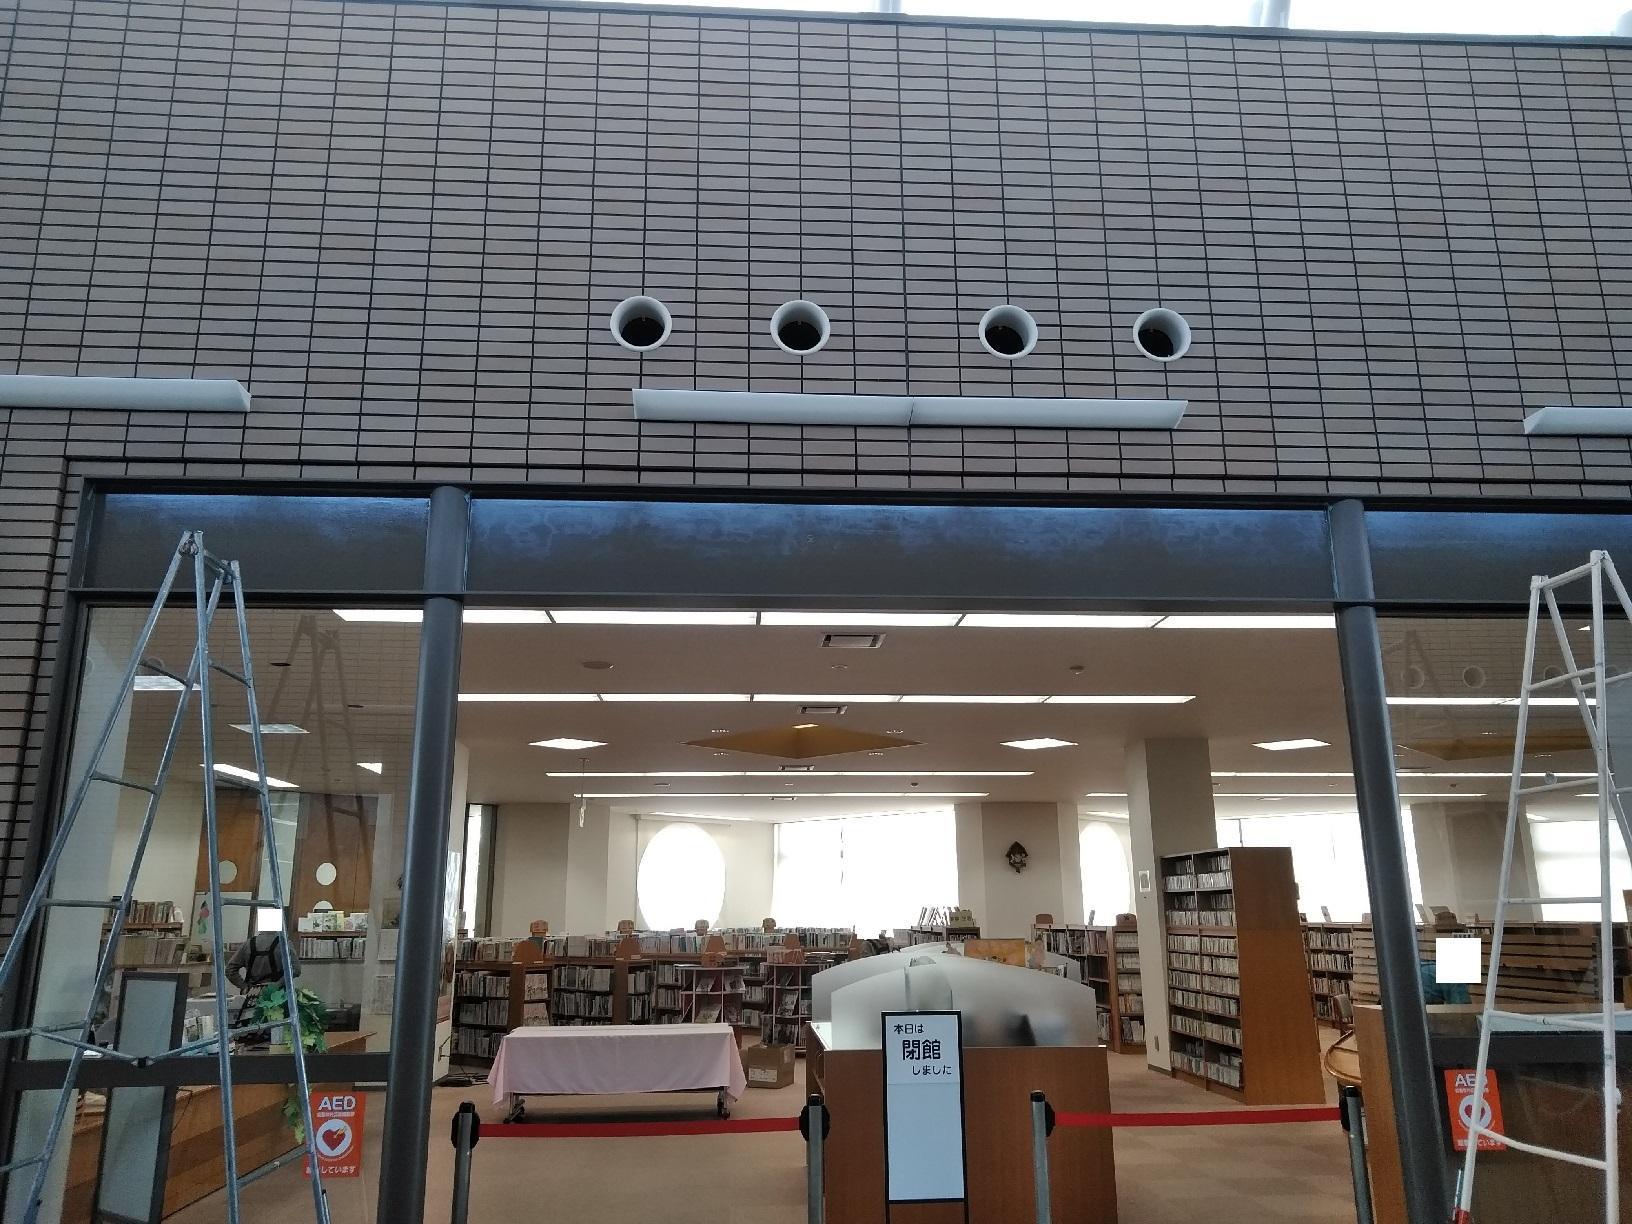 鶴居村ふるさと館 図書館上部塗装